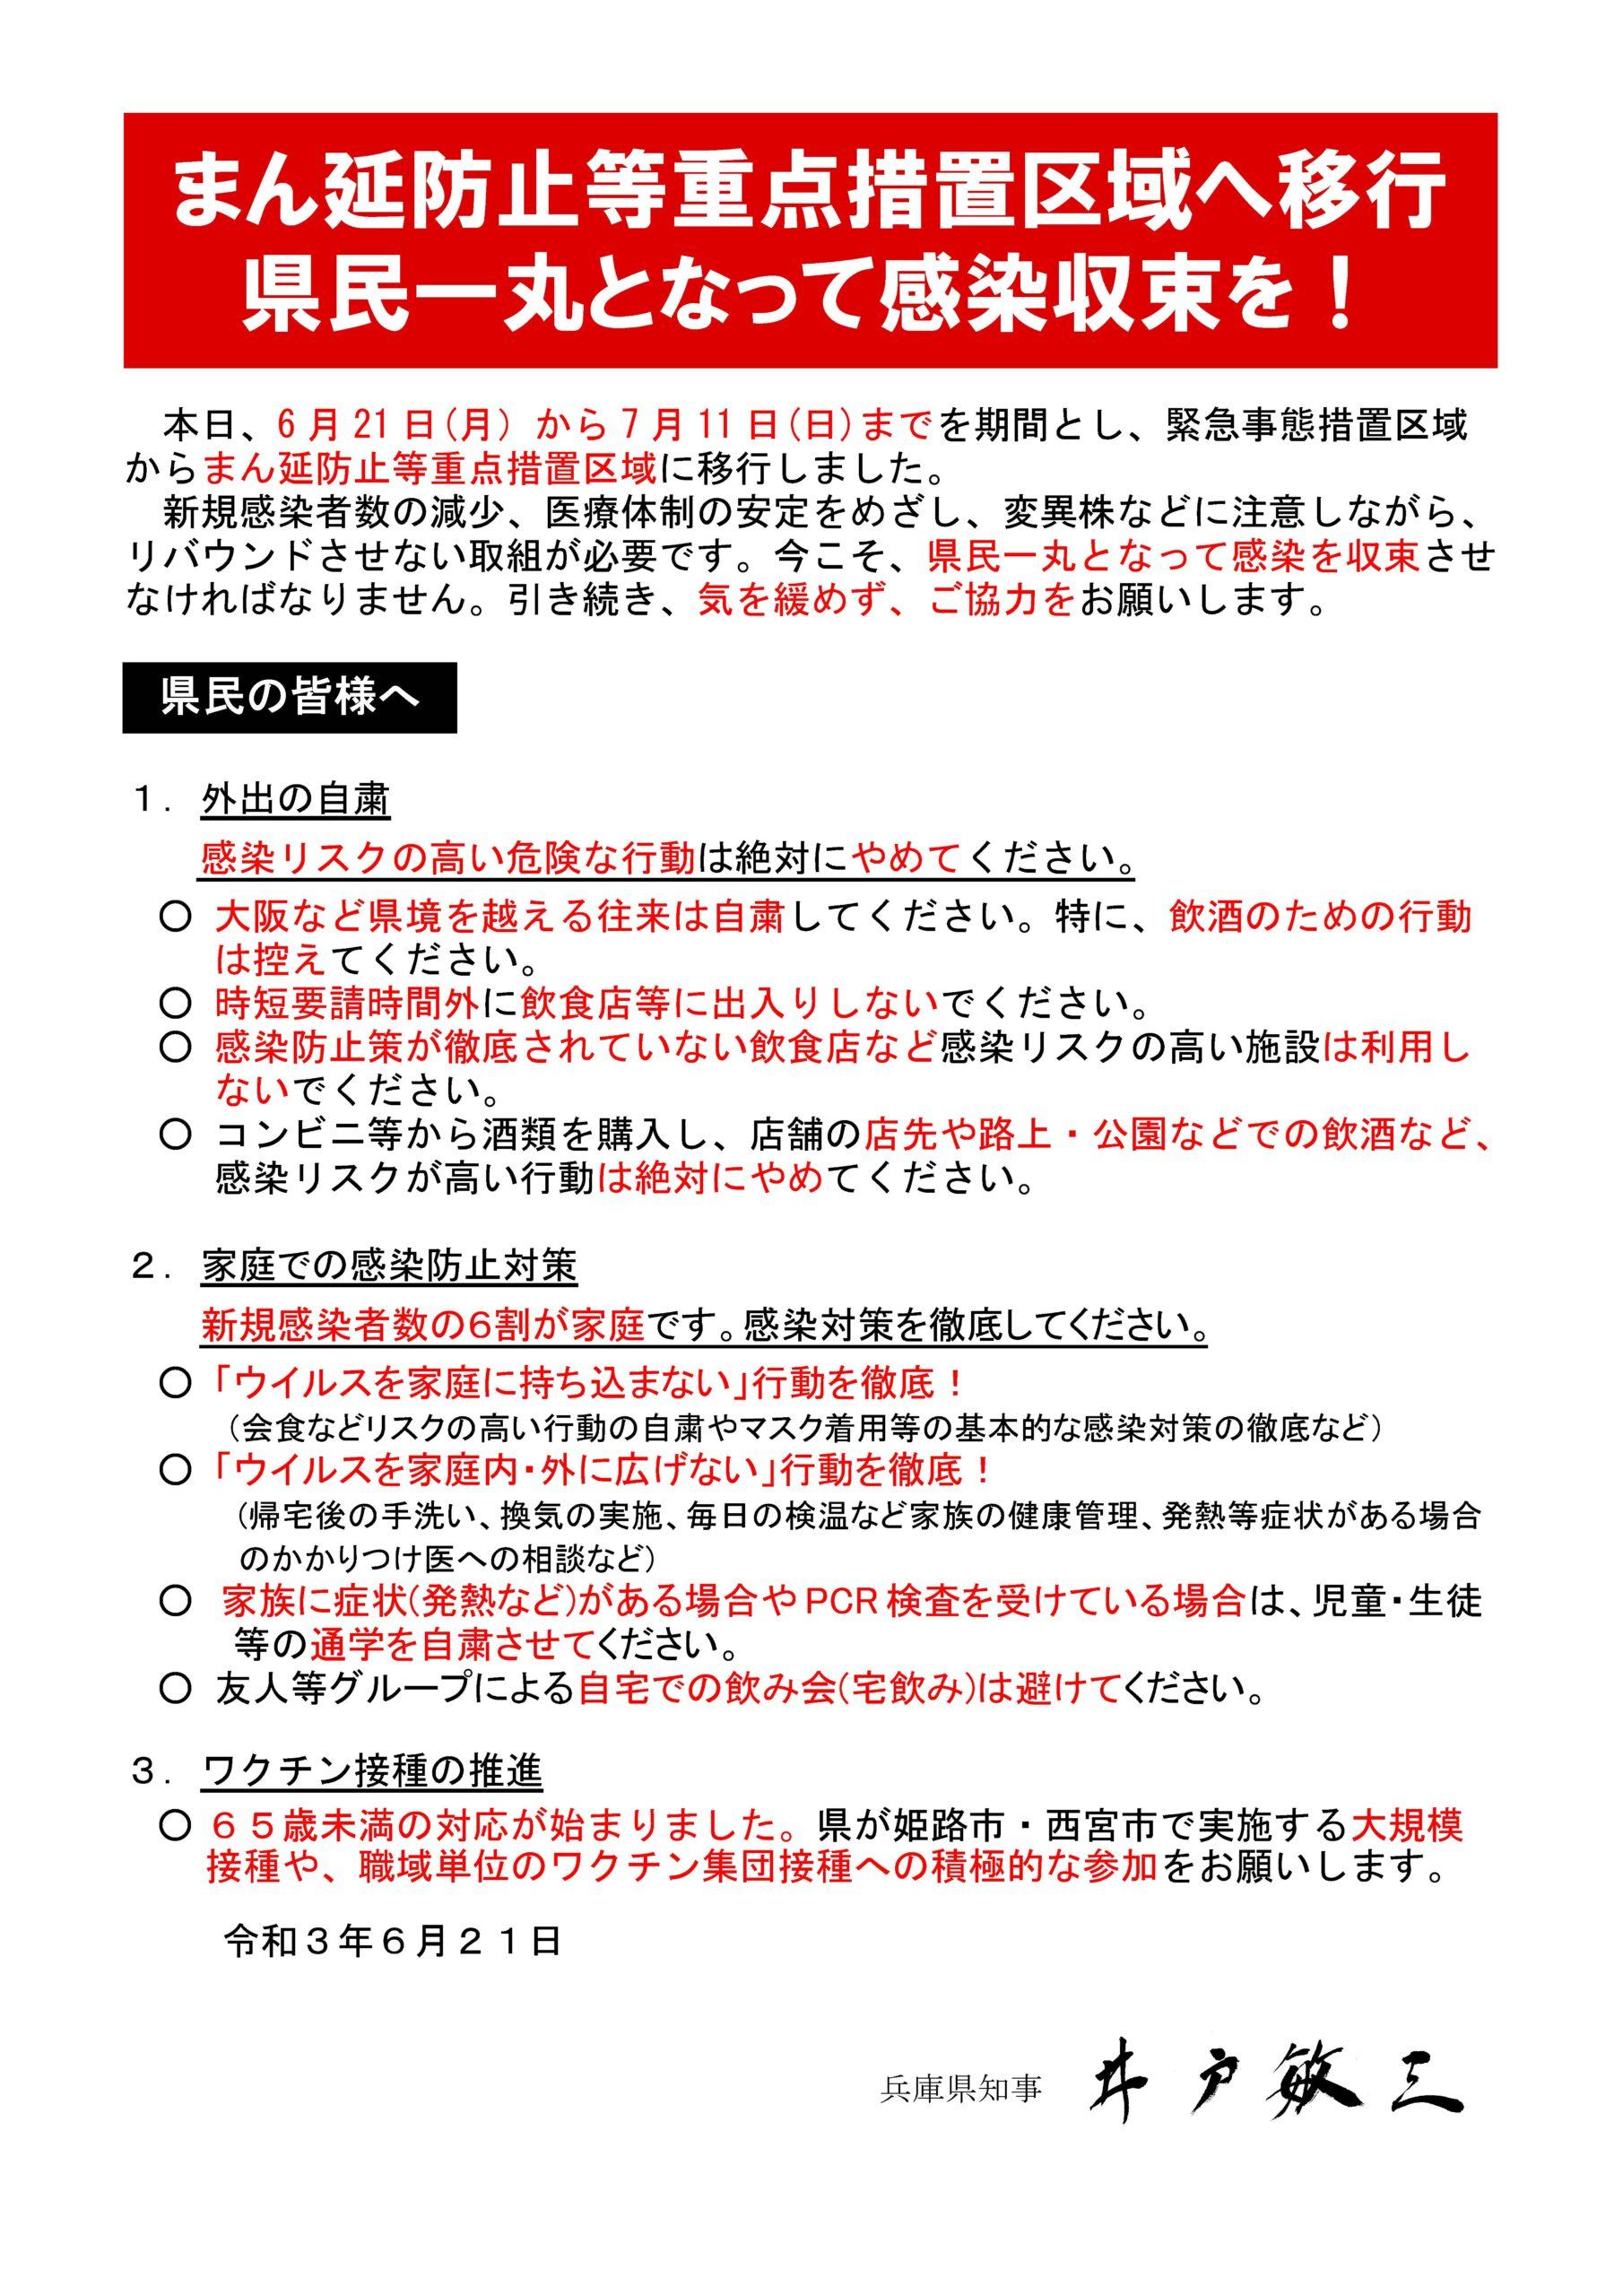 知事メッセージ(令和3年6月21日)